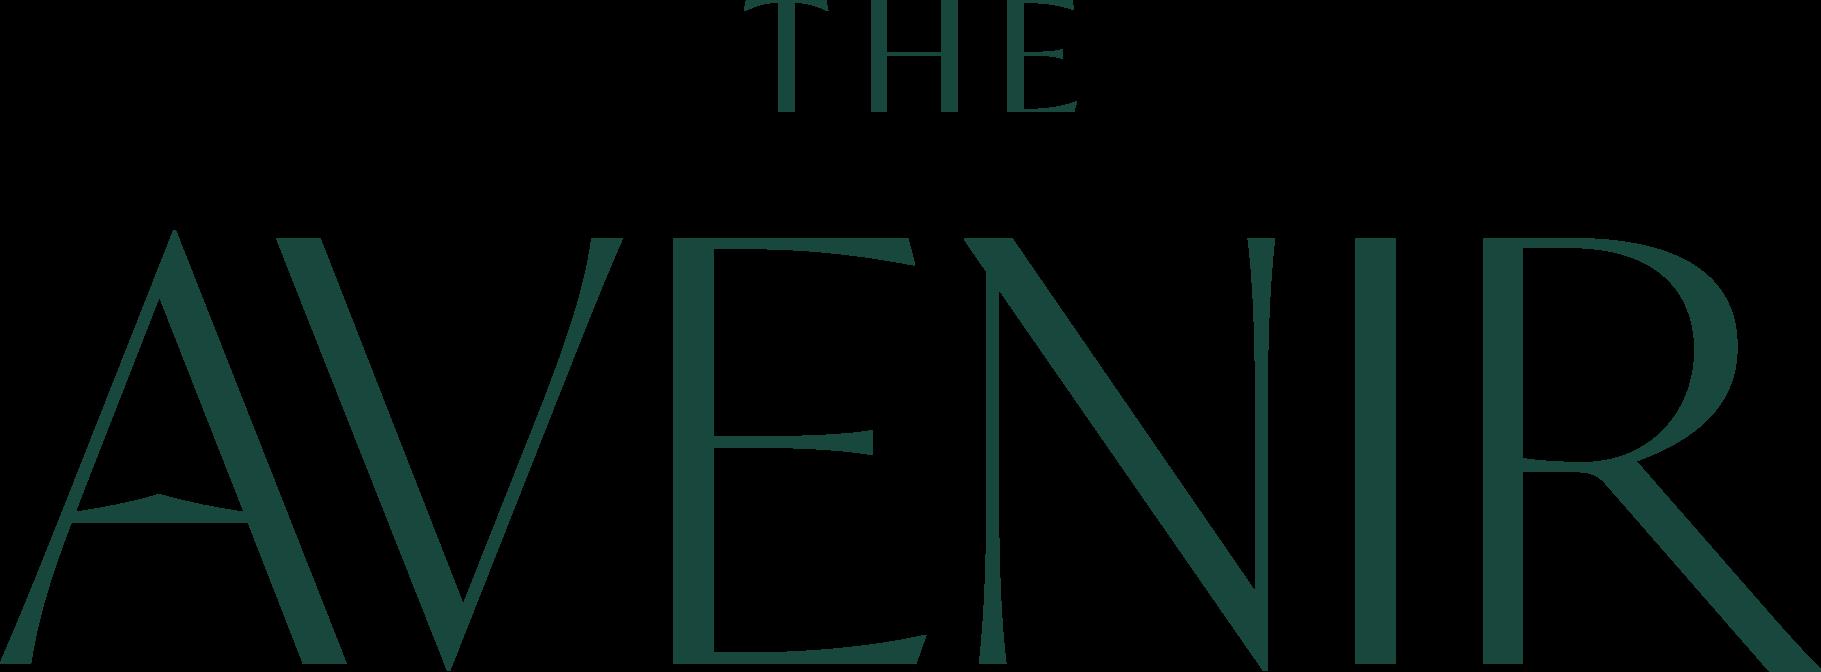 The Avenir Logo Singapore